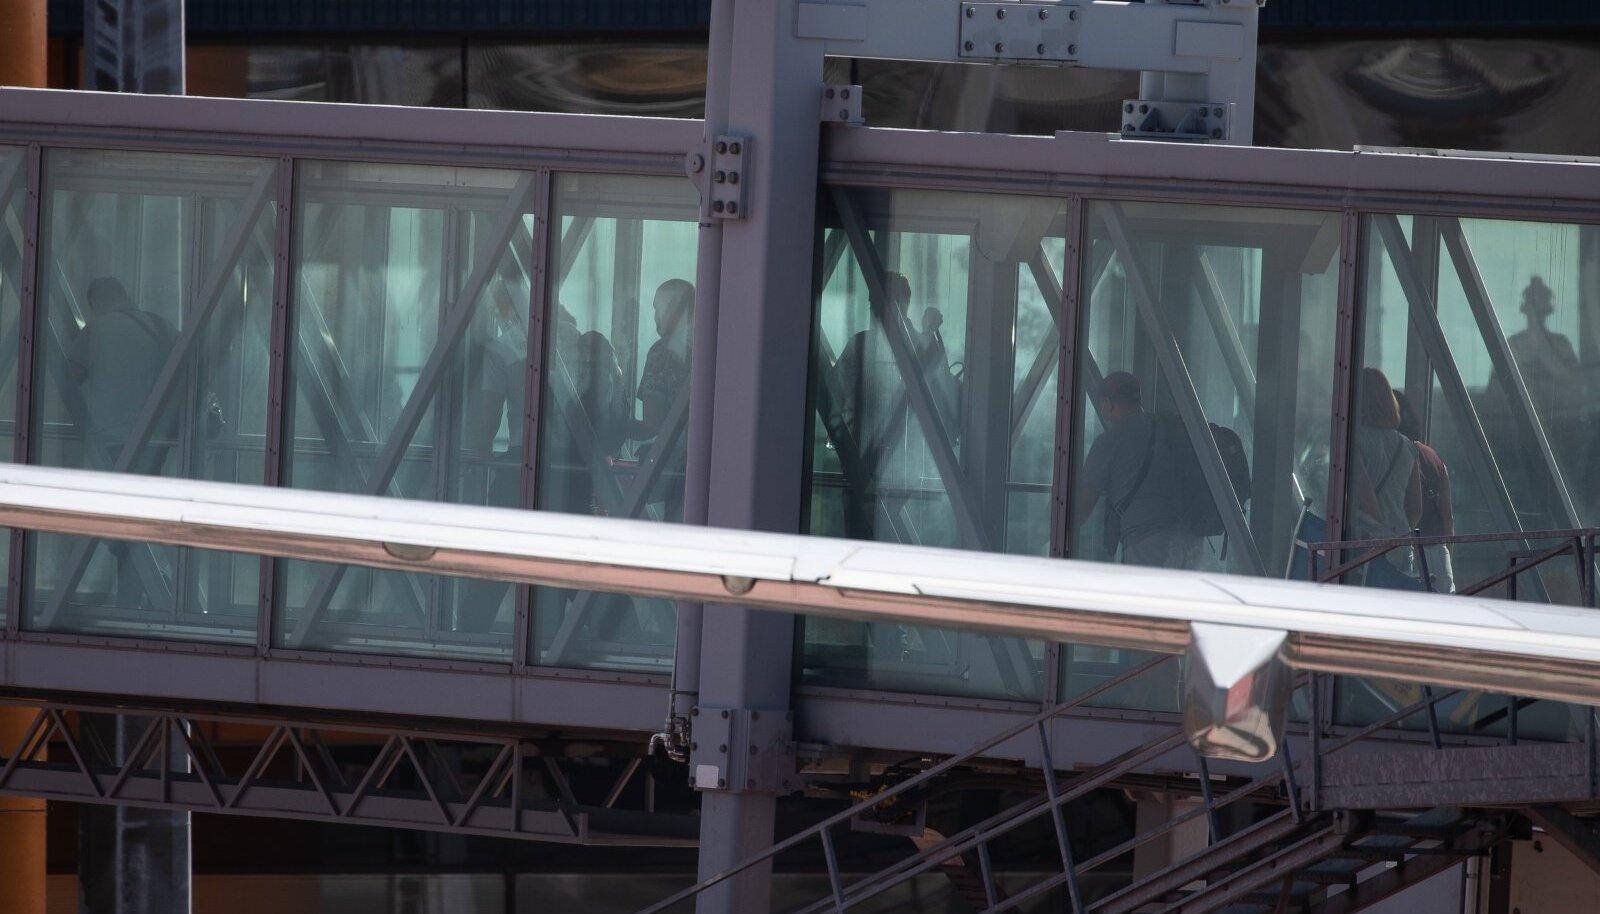 21.07.2020. Ukraina võõrtööliste tšarterlend maandus Tallinnas.